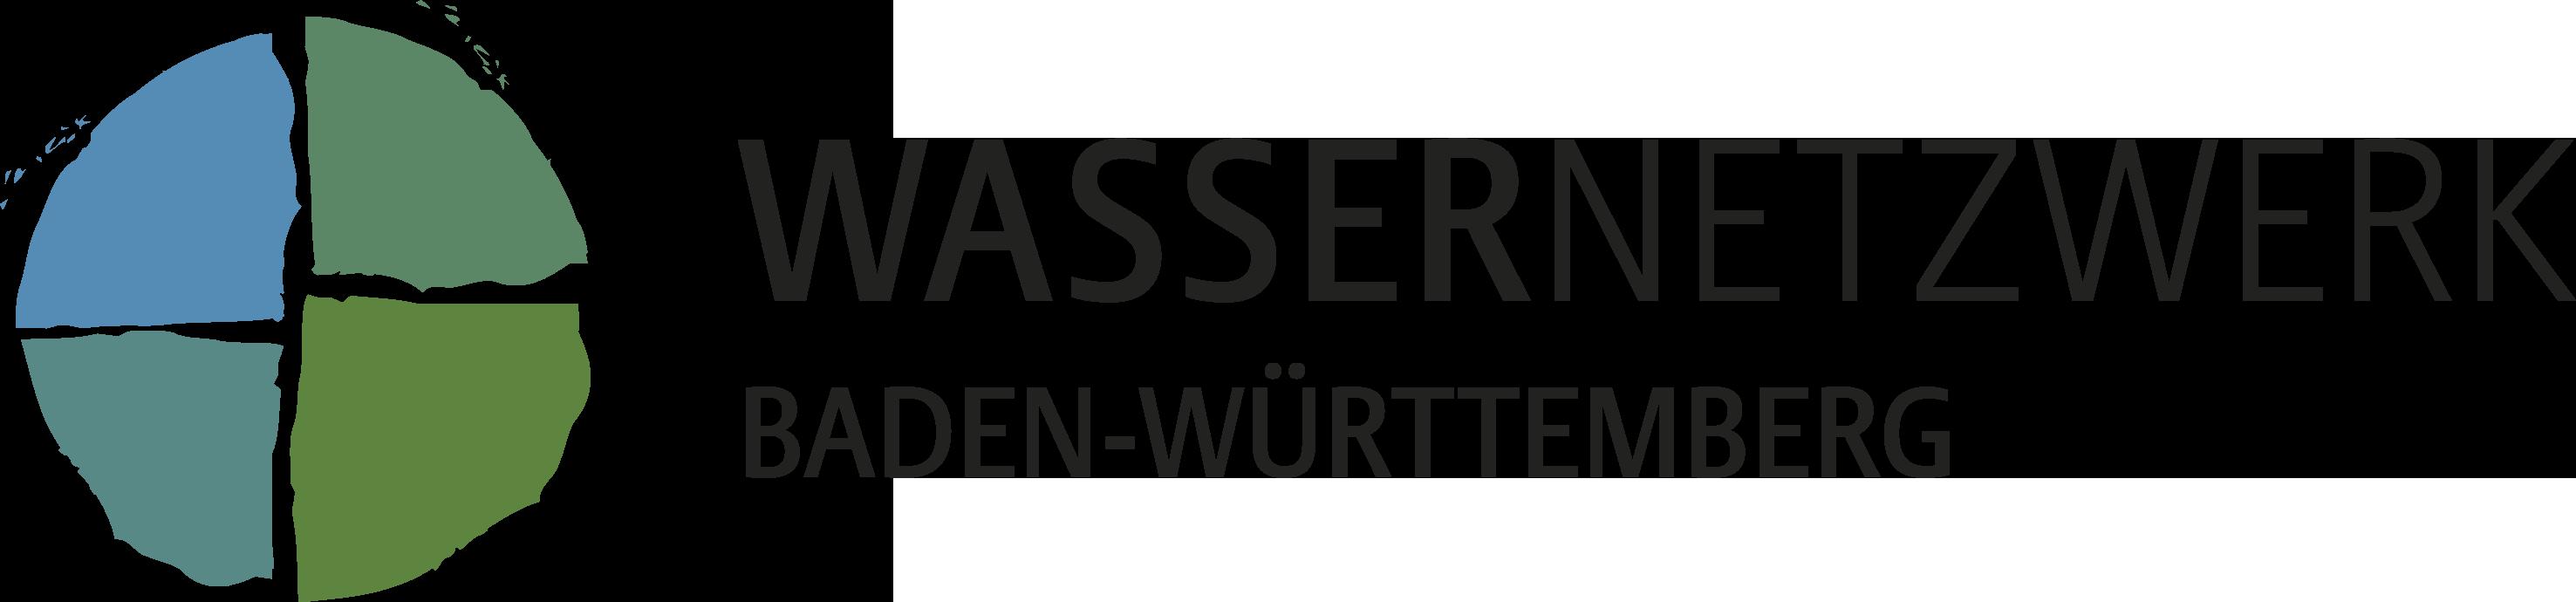 Wassernetzwerk_Logo